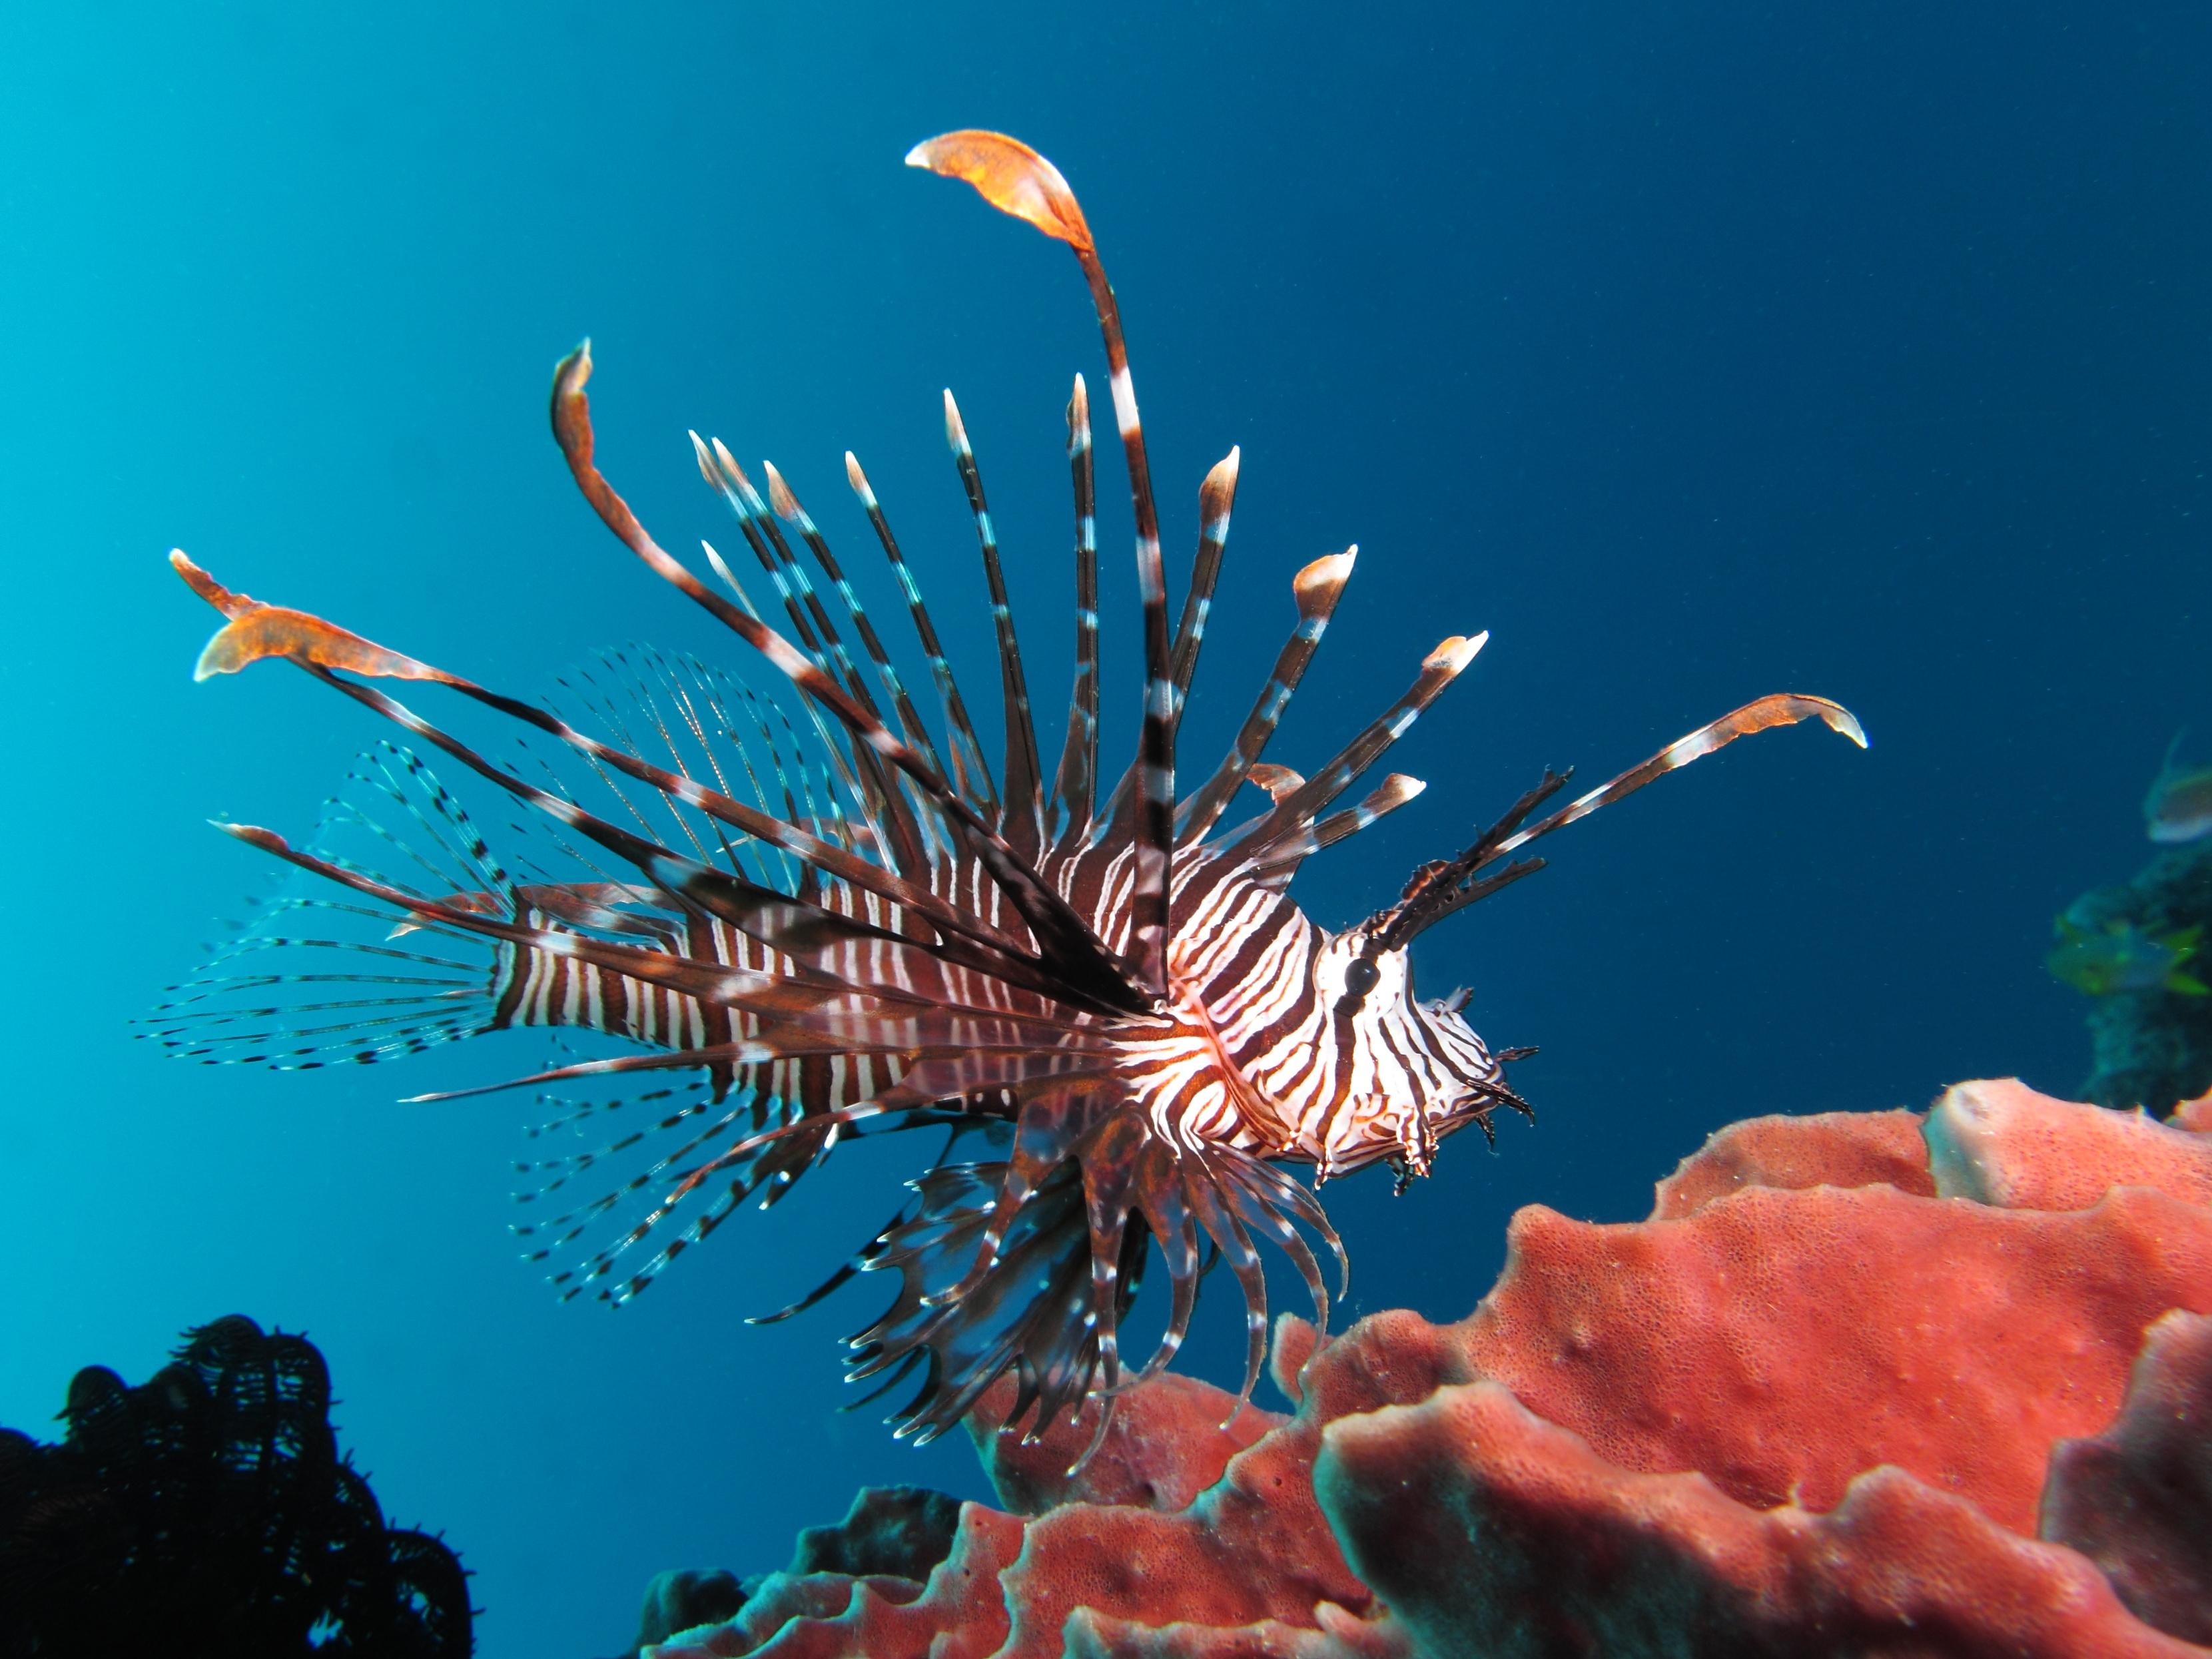 Фотография Крылатки Рыбы Подводный мир Кораллы животное 3321x2491 крылатка Животные